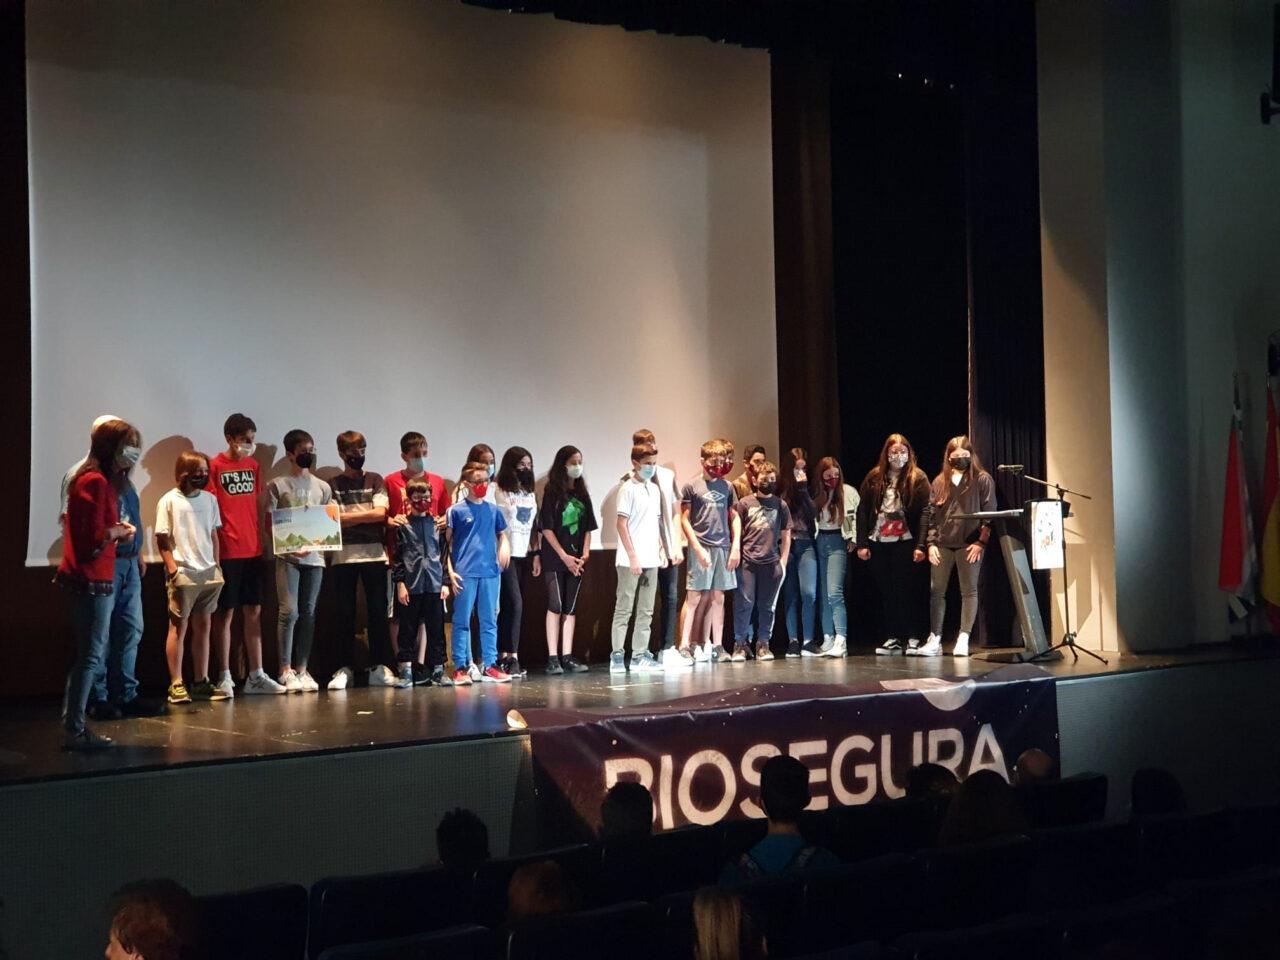 El Premio Biosegura 2021 recae en la Fundación Savia y la Diputación Provincial de Jaén